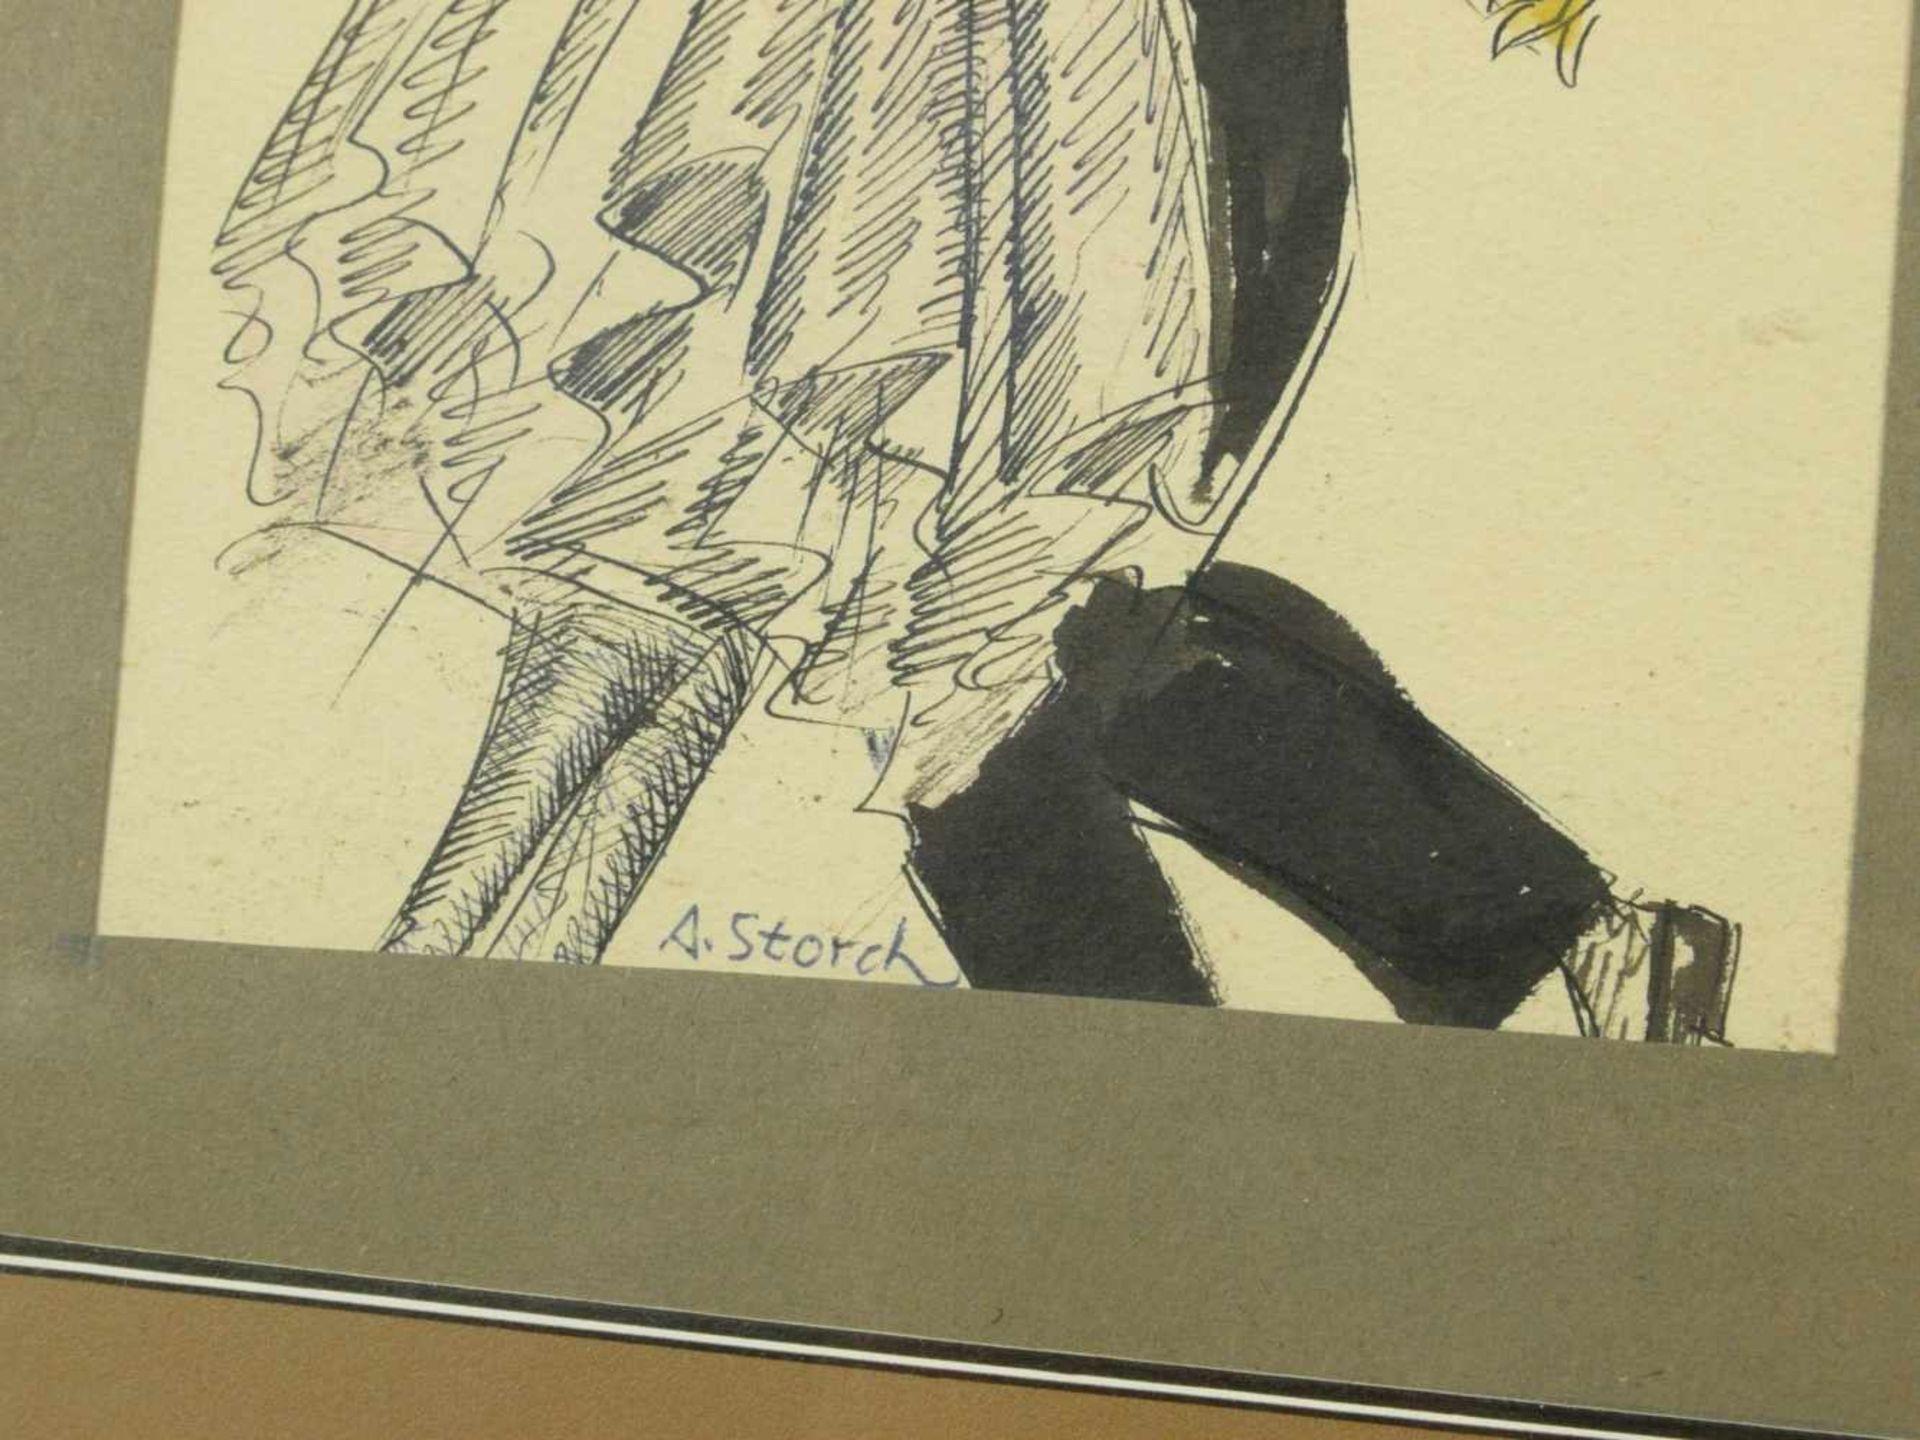 Storch, Josef Anton (1892-1979) - Tanzendes Paar ZeichnungSchwungvolle Zeichnung eines aneinander - Bild 3 aus 4